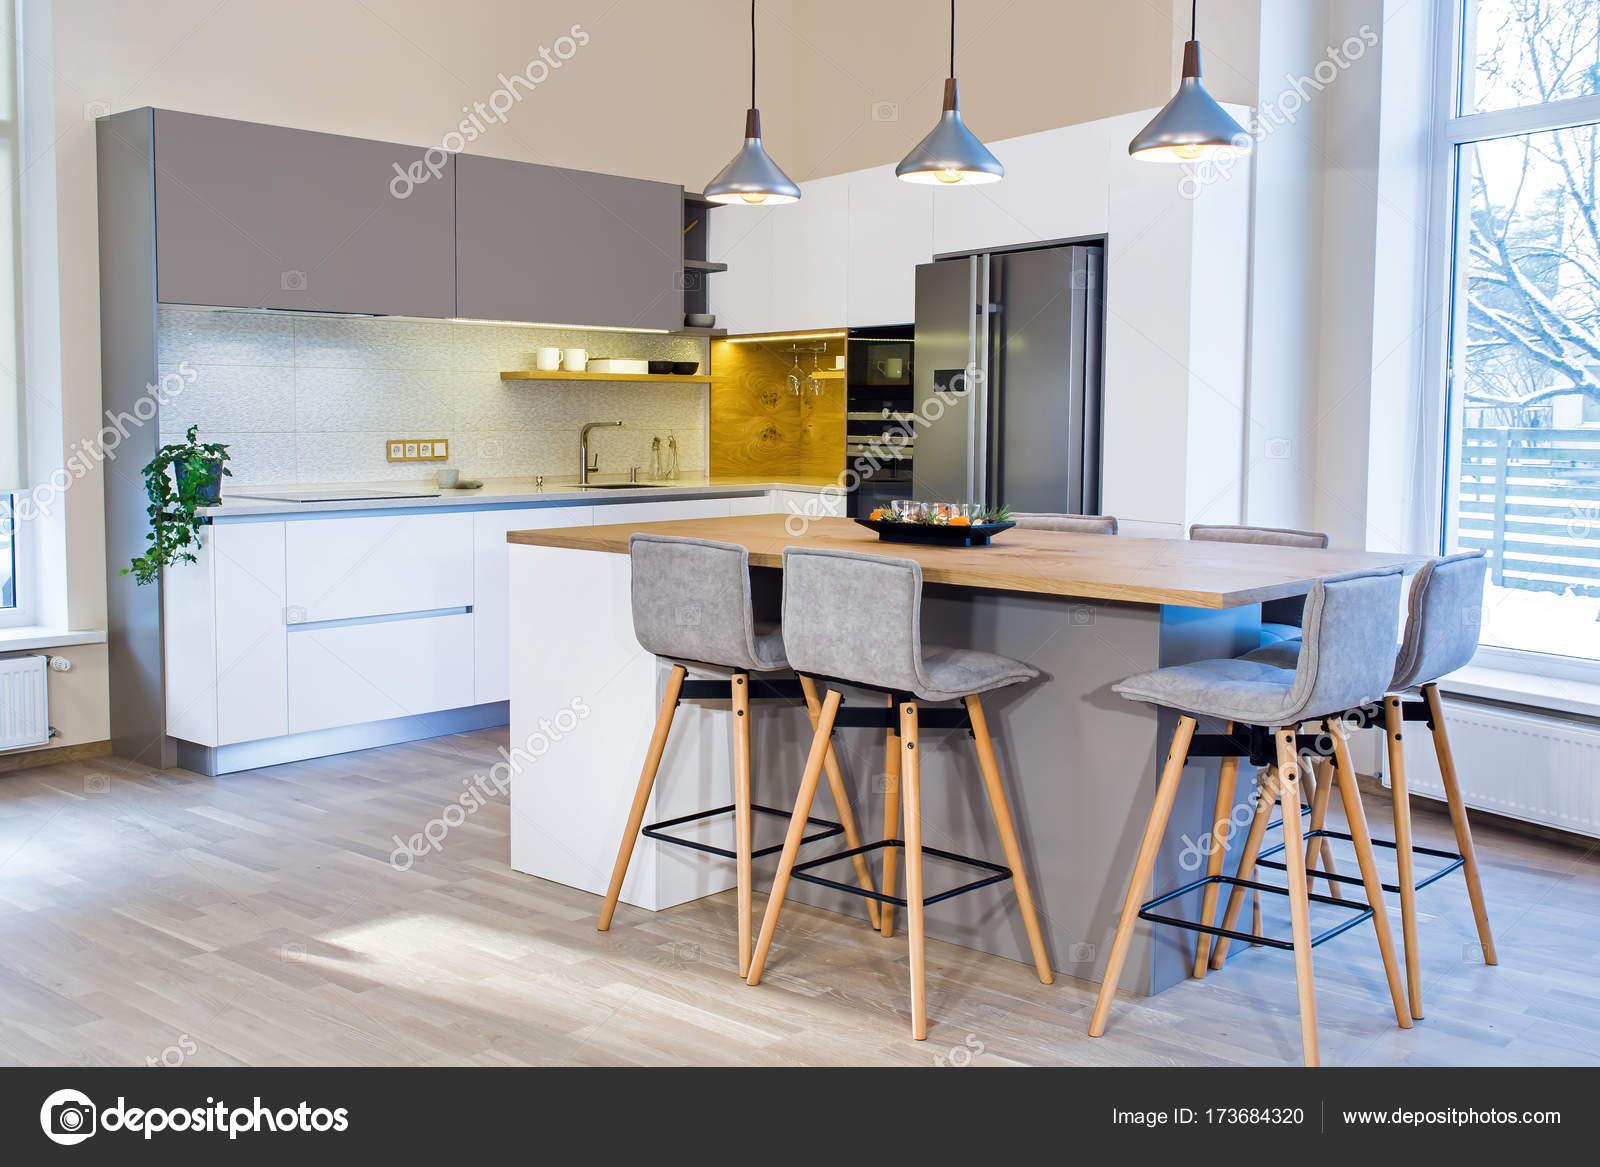 Interni Moderni Di Case : Interno di casa moderna design moderno cucina luce interno u foto